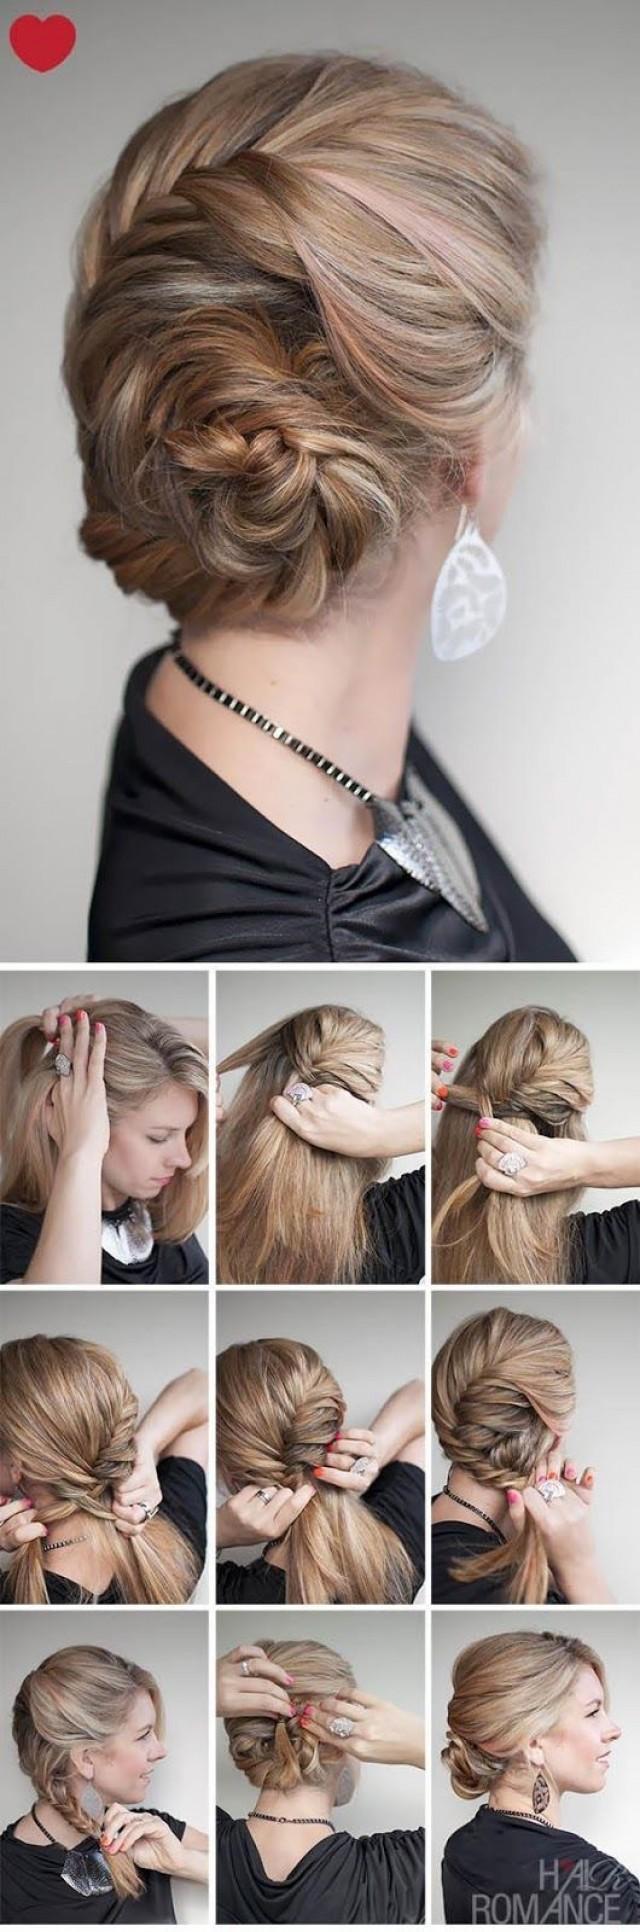 Легкие прически на средние волосы своими руками пошаговое фото